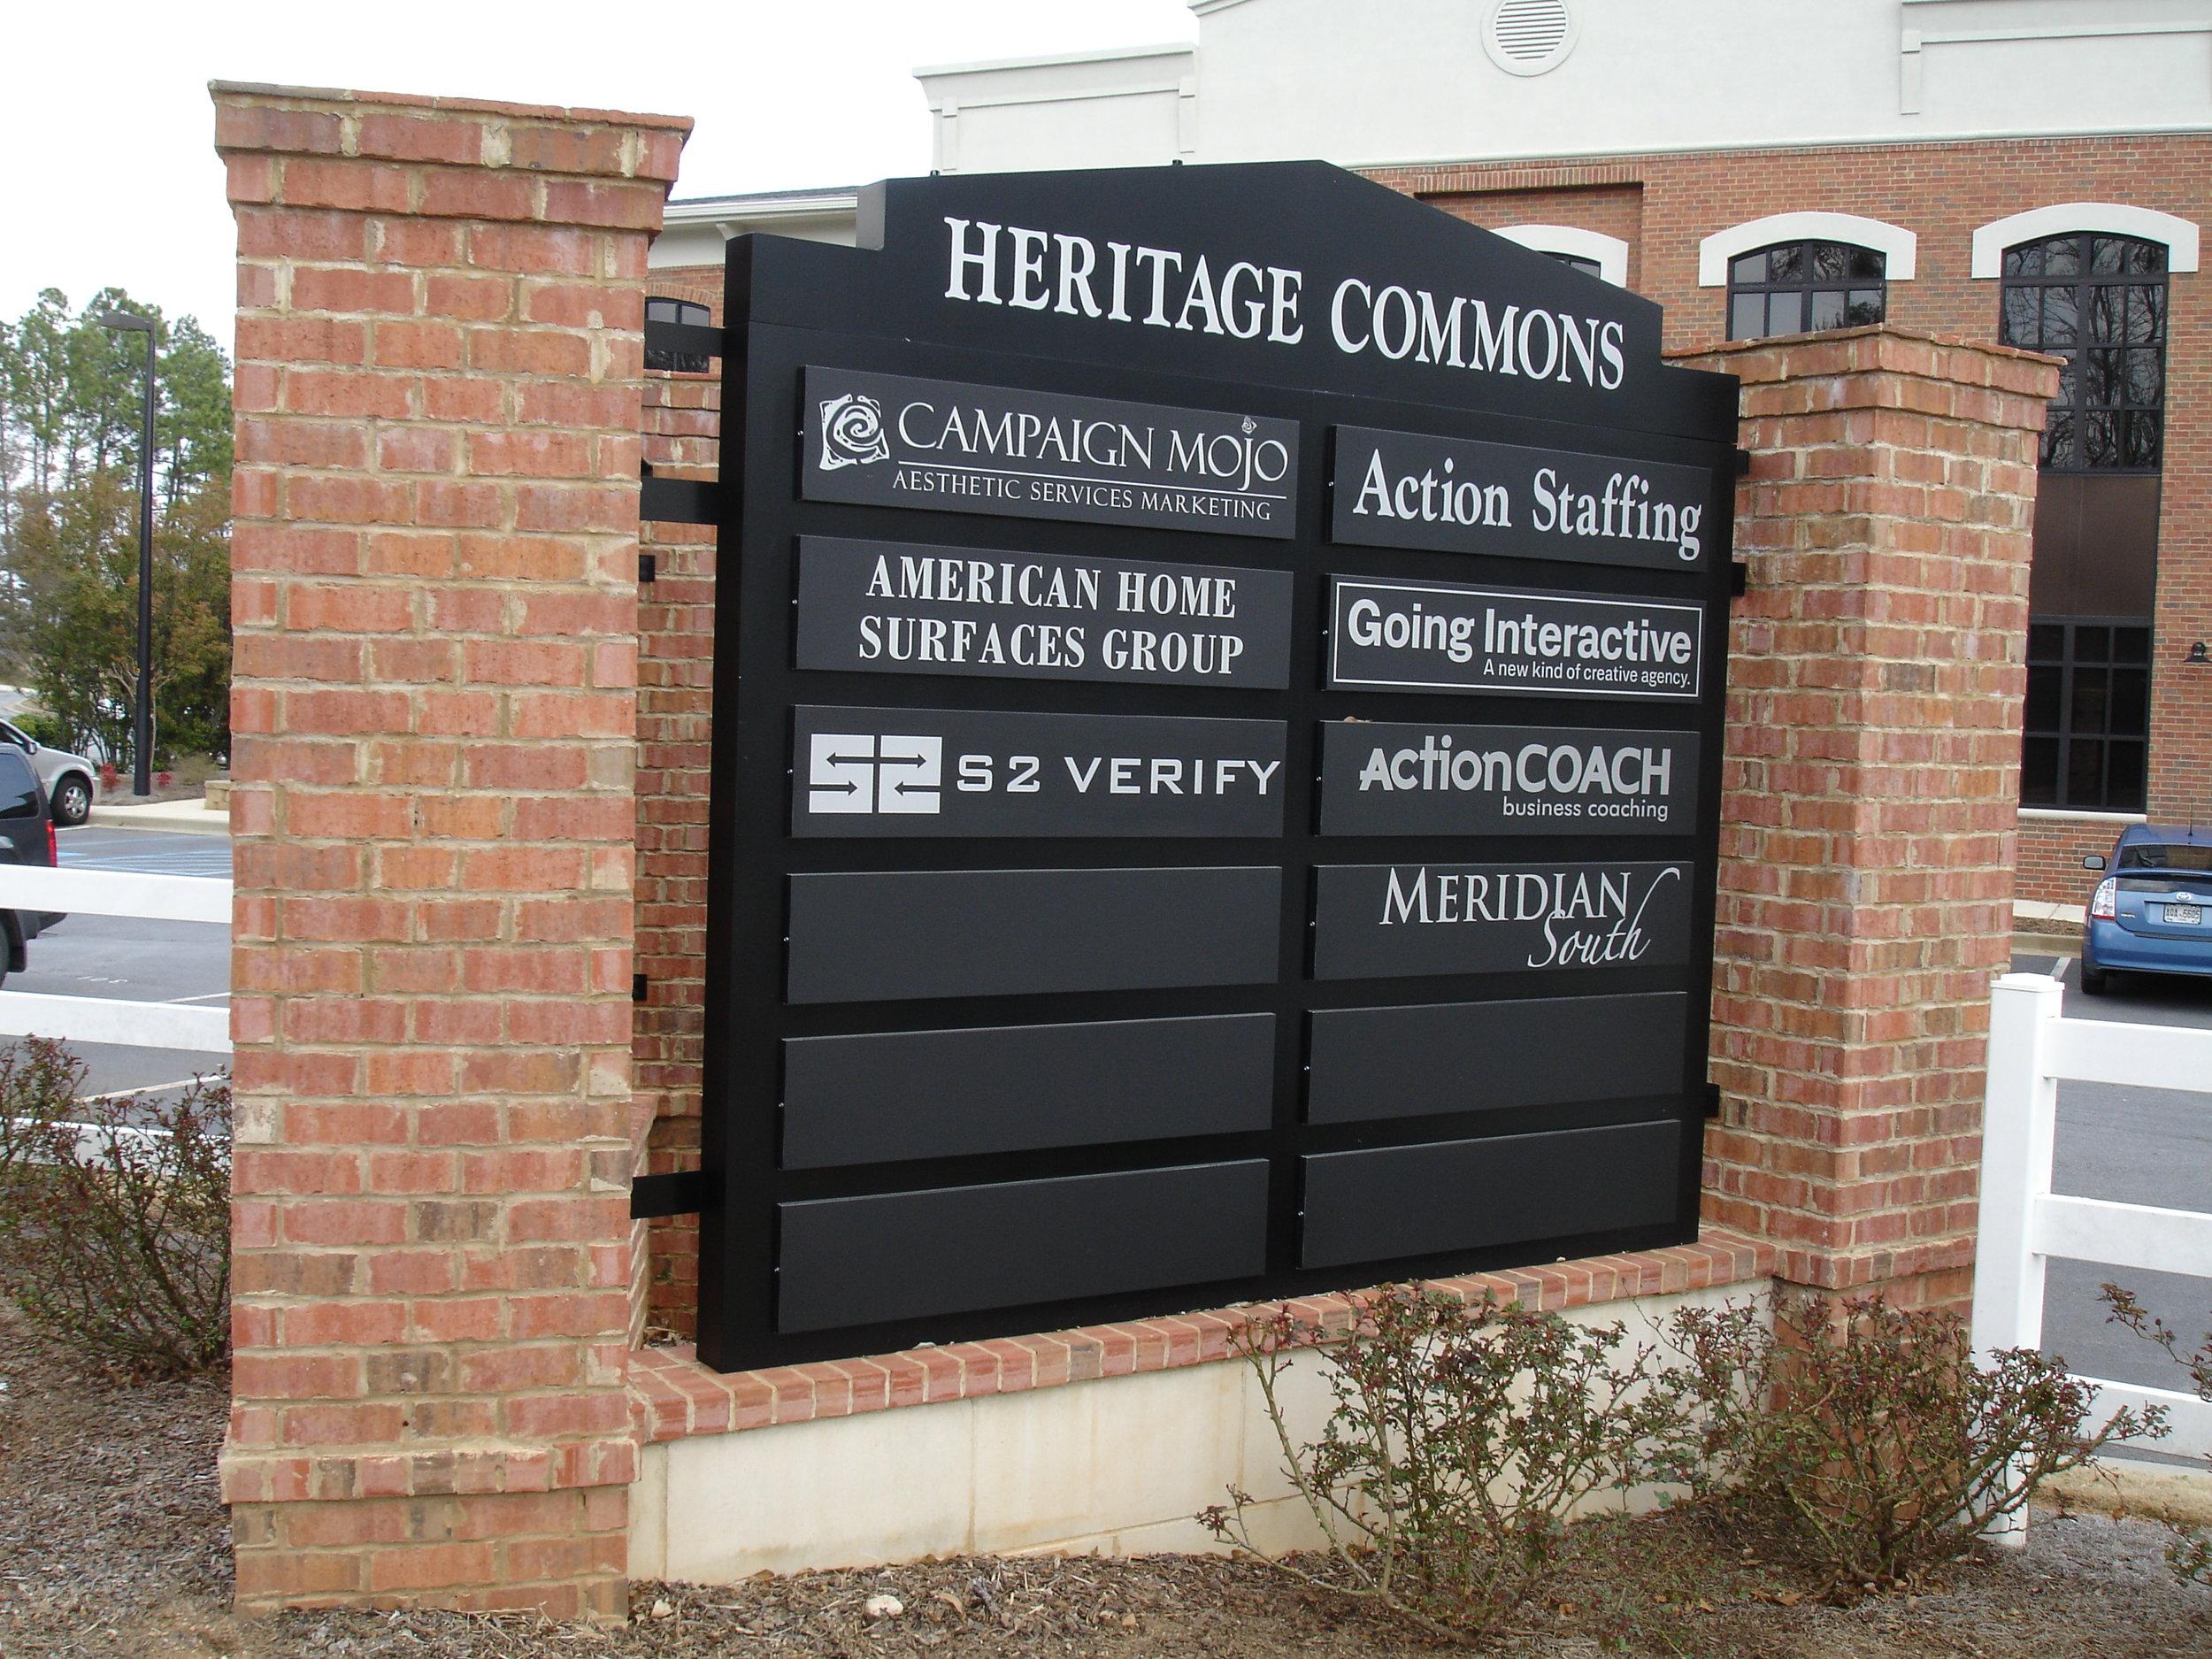 heritage commons1.JPG